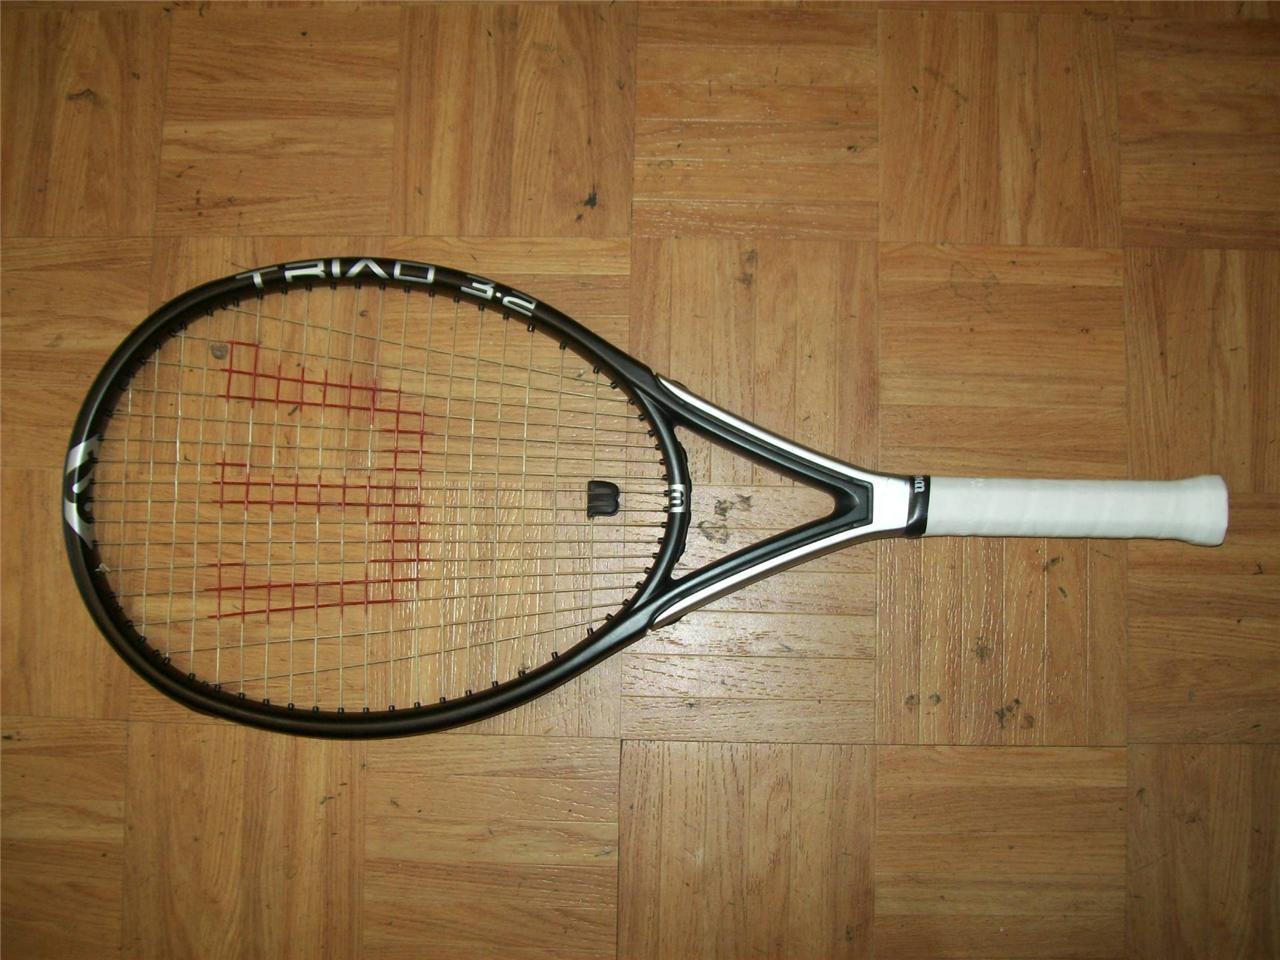 Wilson Triad Martillo  3.2 OverTalla 115 4 1 2 Grip Tenis Raqueta  connotación de lujo discreta